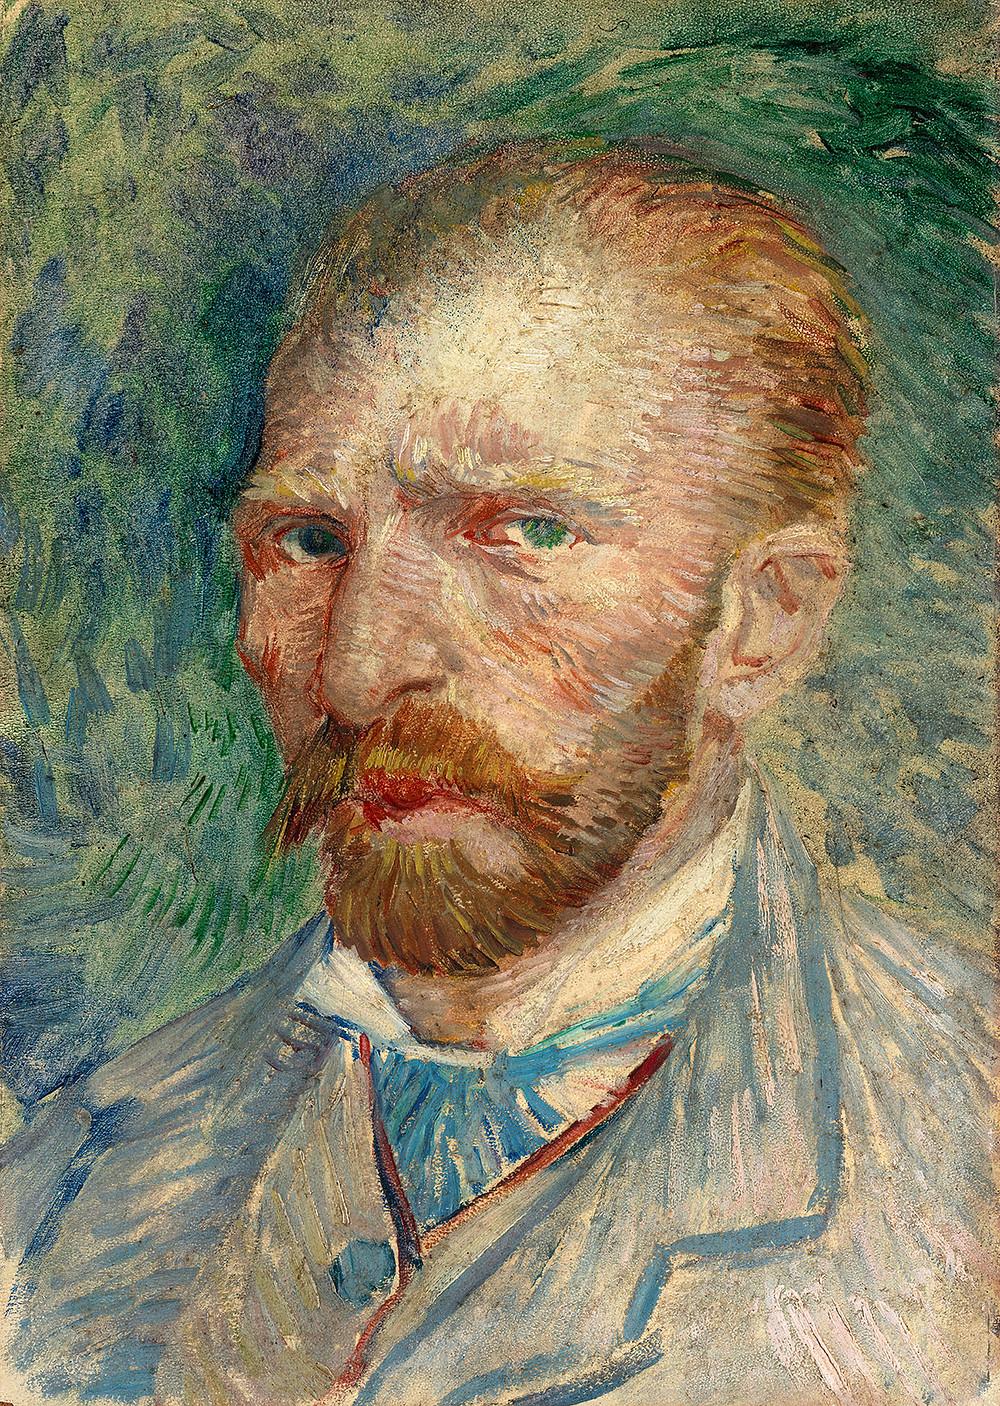 Vincent van Gogh, Selvportræt, 1887. Coll. Kröller-Müller Museum, Otterlo